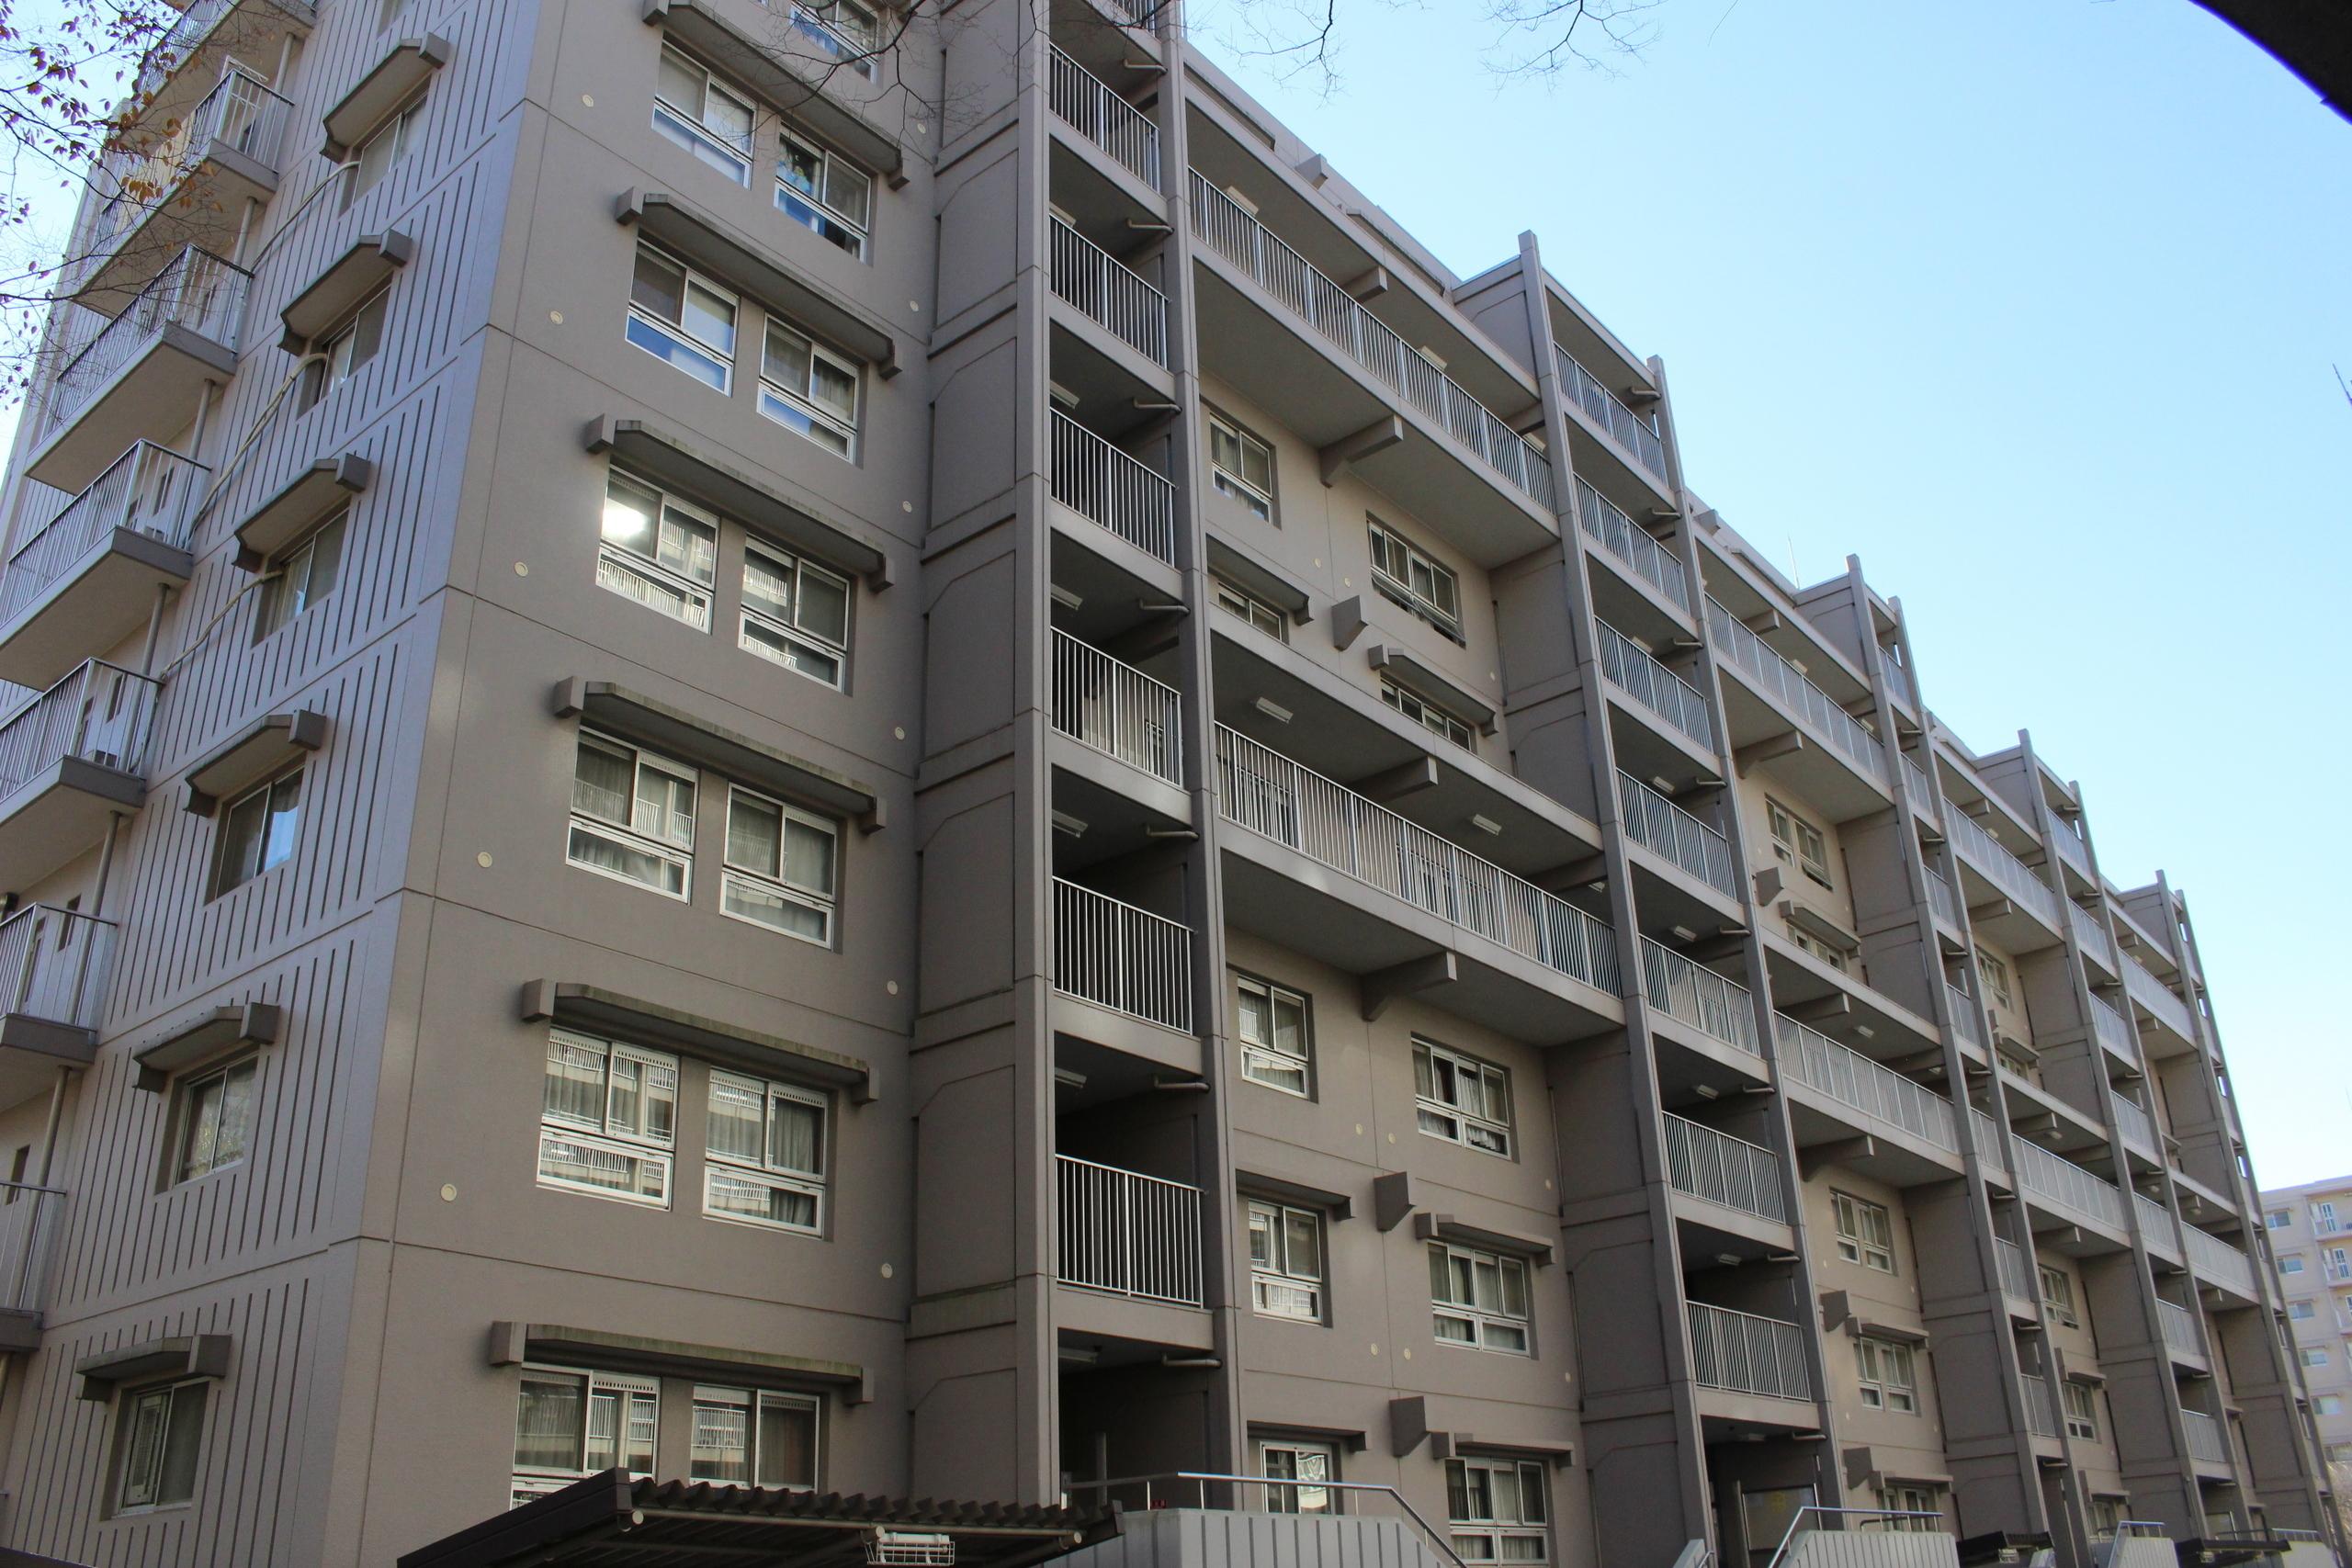 志木ニュ-タウン中央の森弐番街4号棟